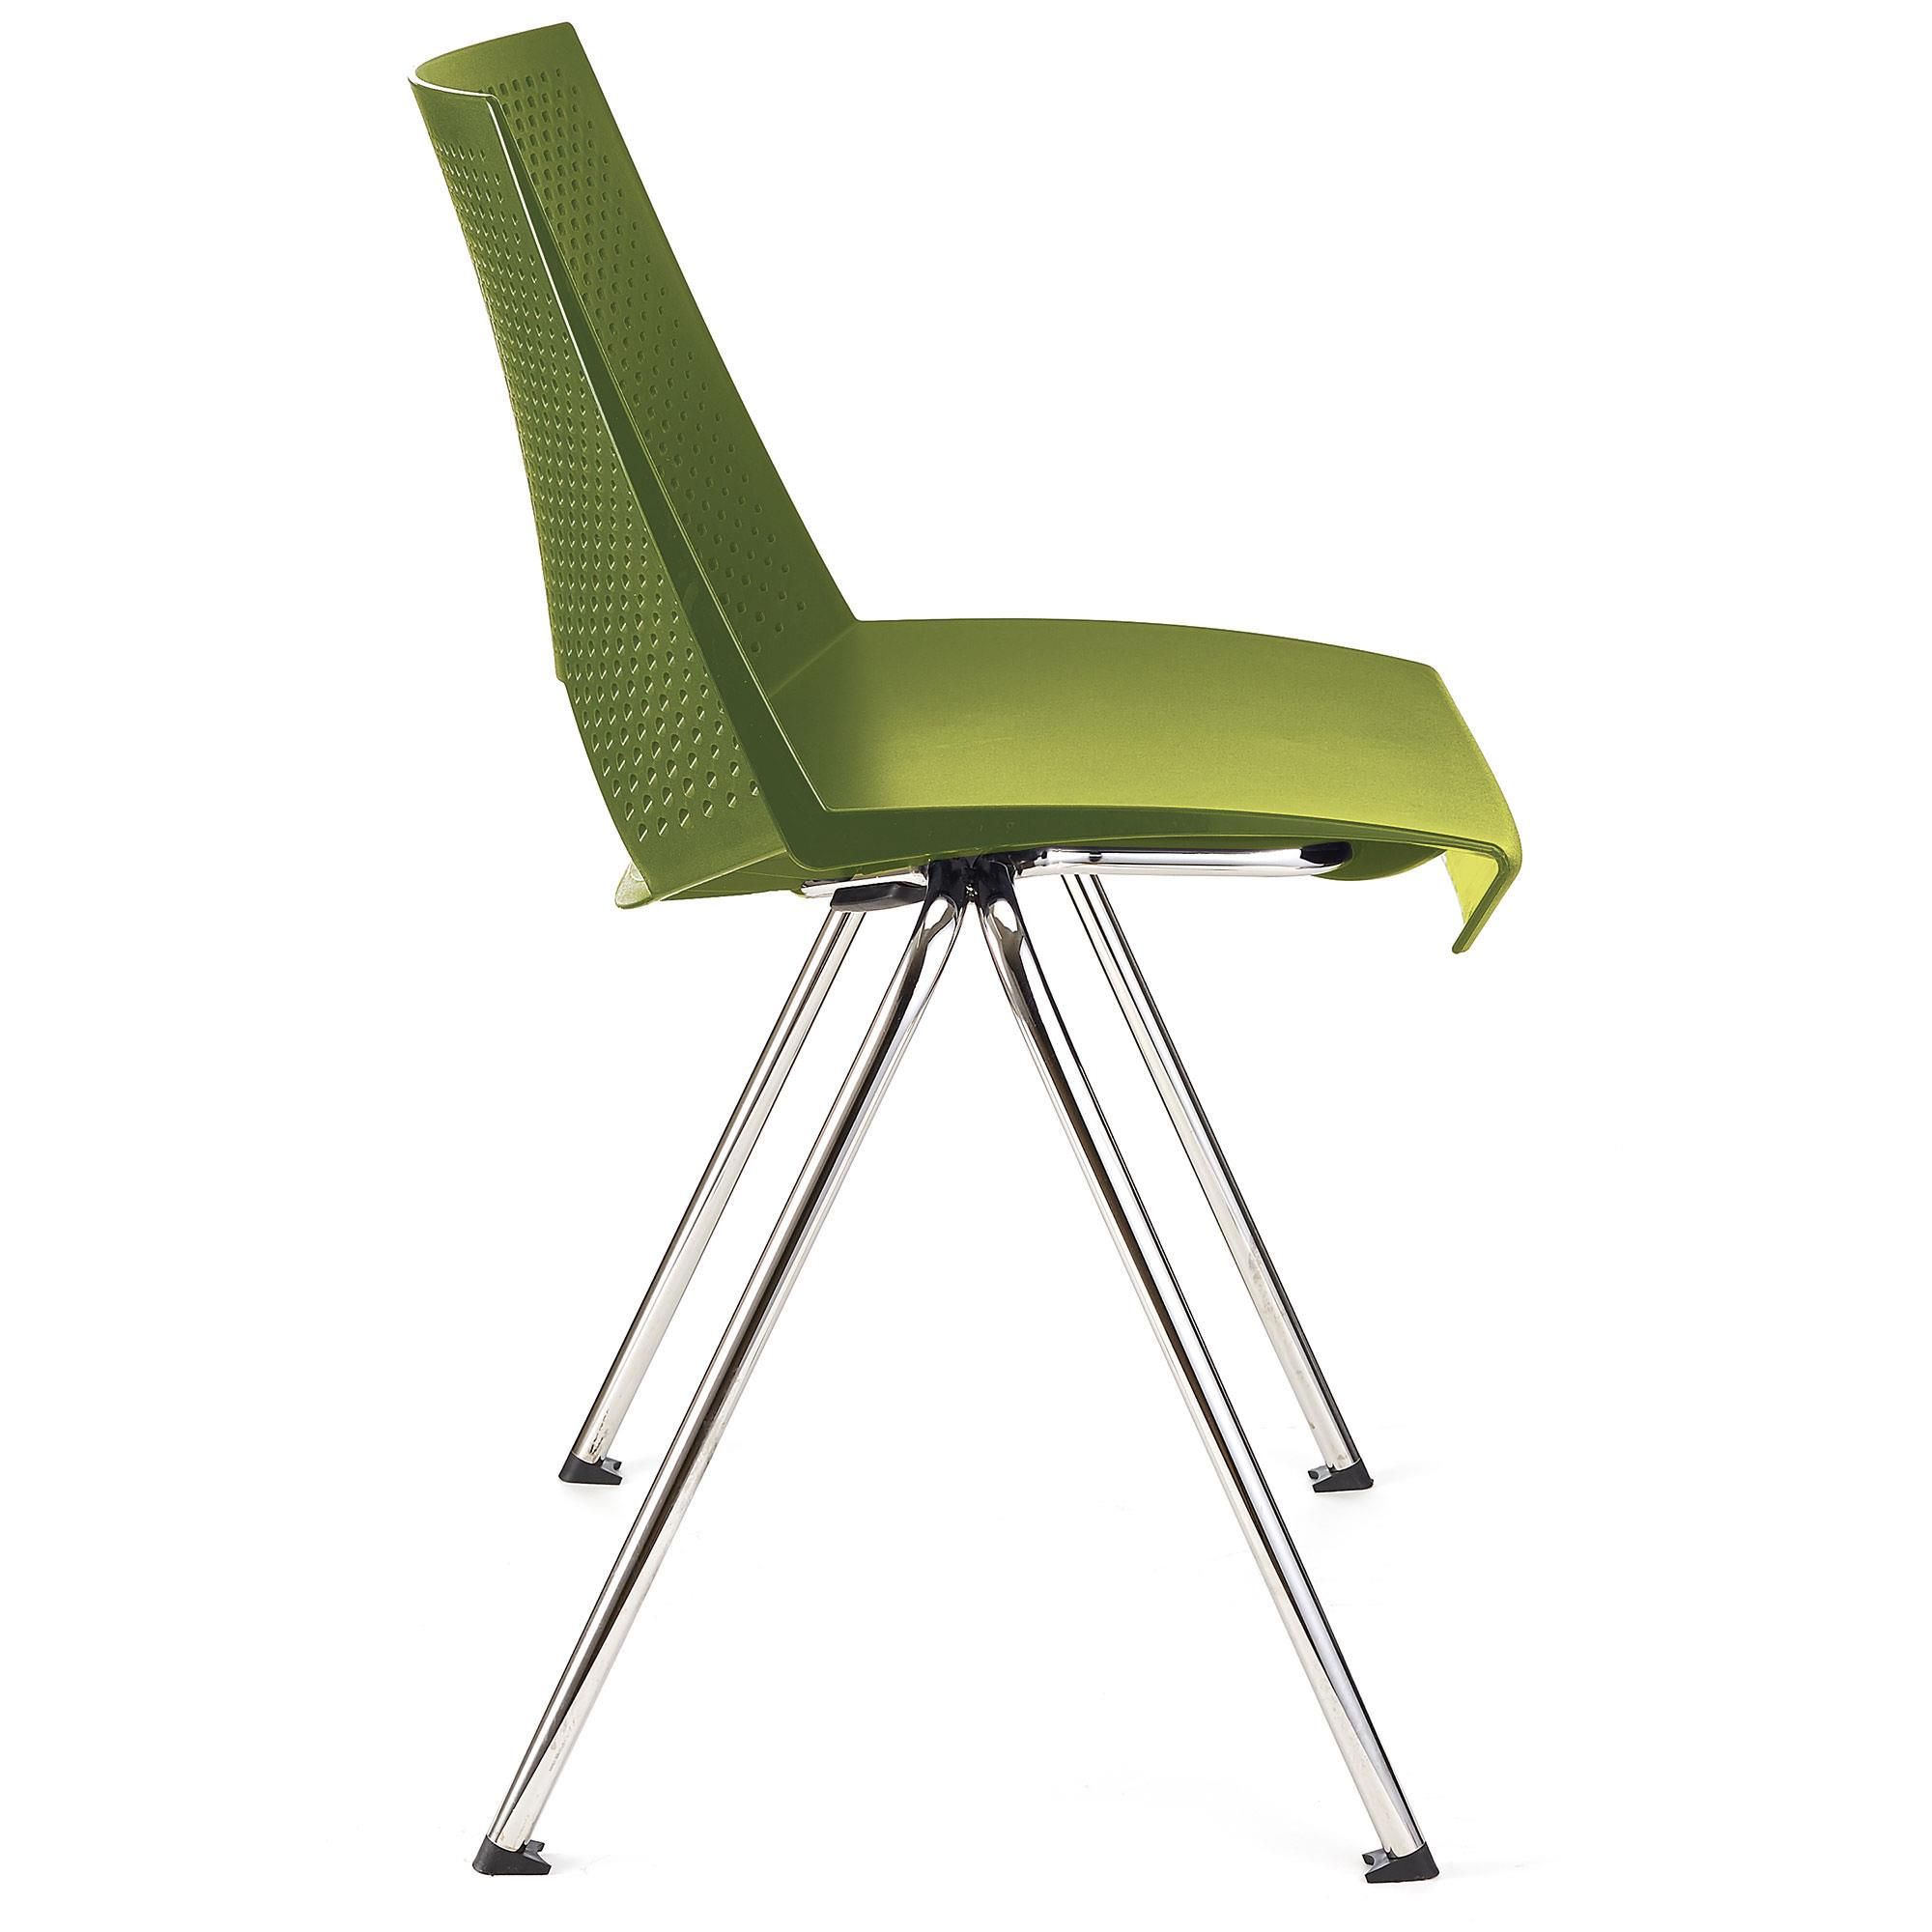 Sedia per sala d 39 attesa enzo colore verde sedia per for Sedia per sala d attesa